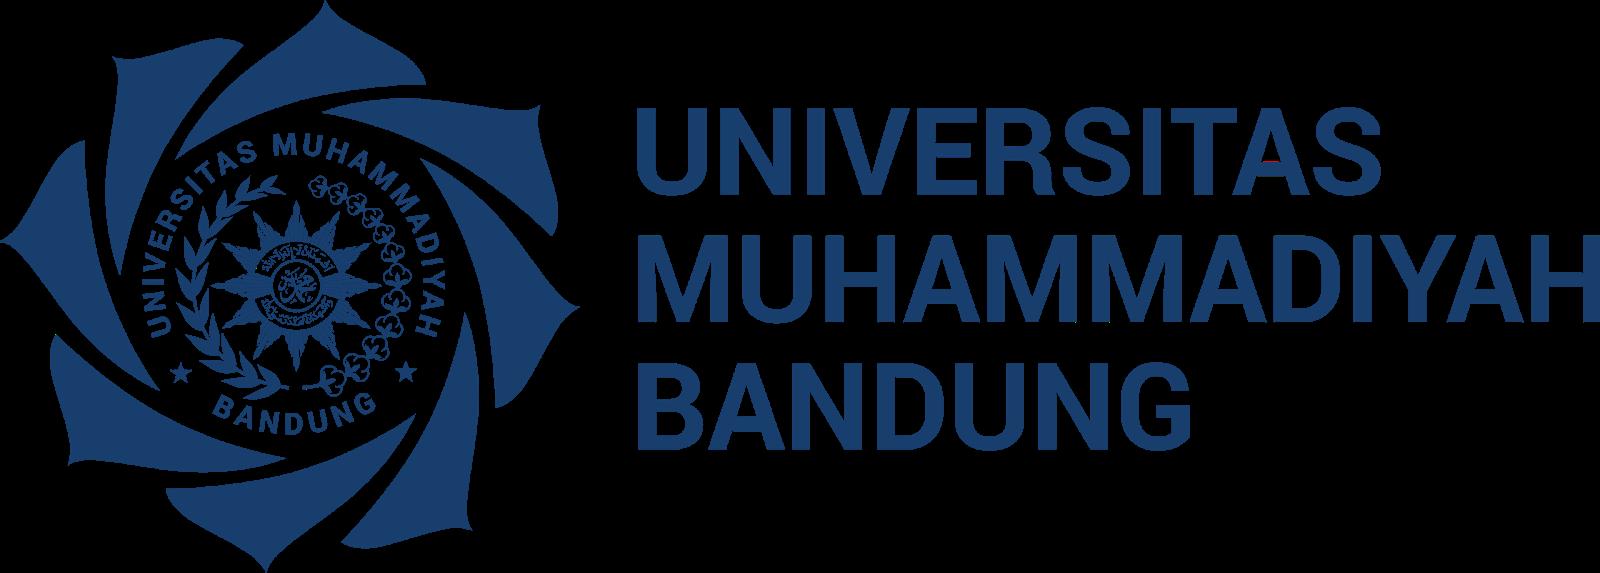 Lowongan Dosen Prodi Bioteknologi Universitas Muhammadiyah Bandung